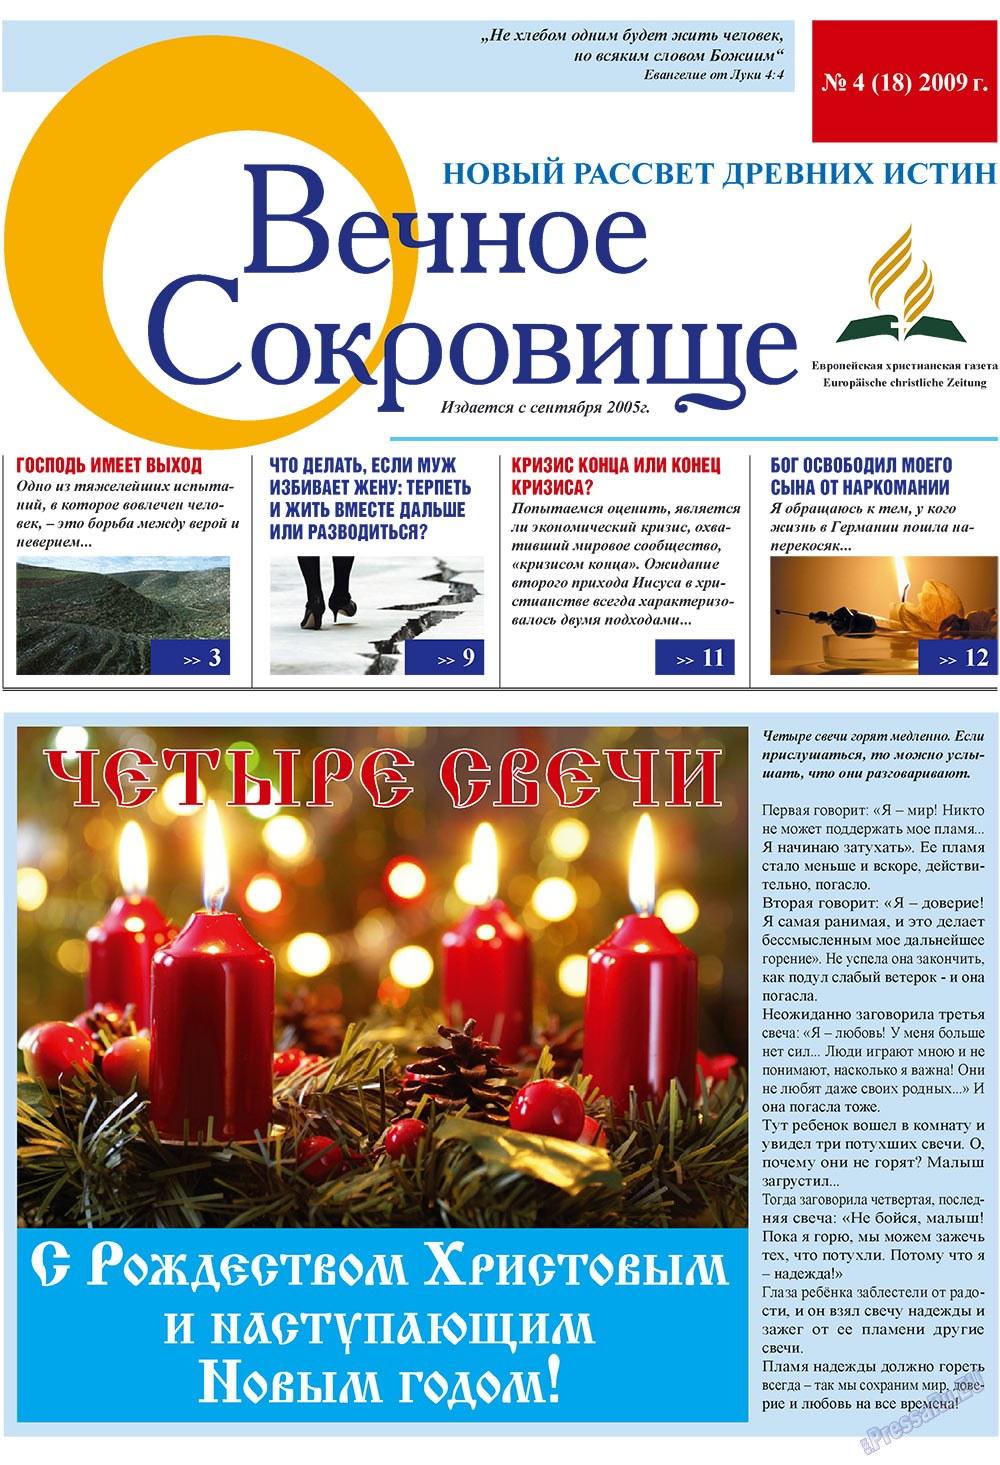 Вечное сокровище (газета). 2009 год, номер 4, стр. 1